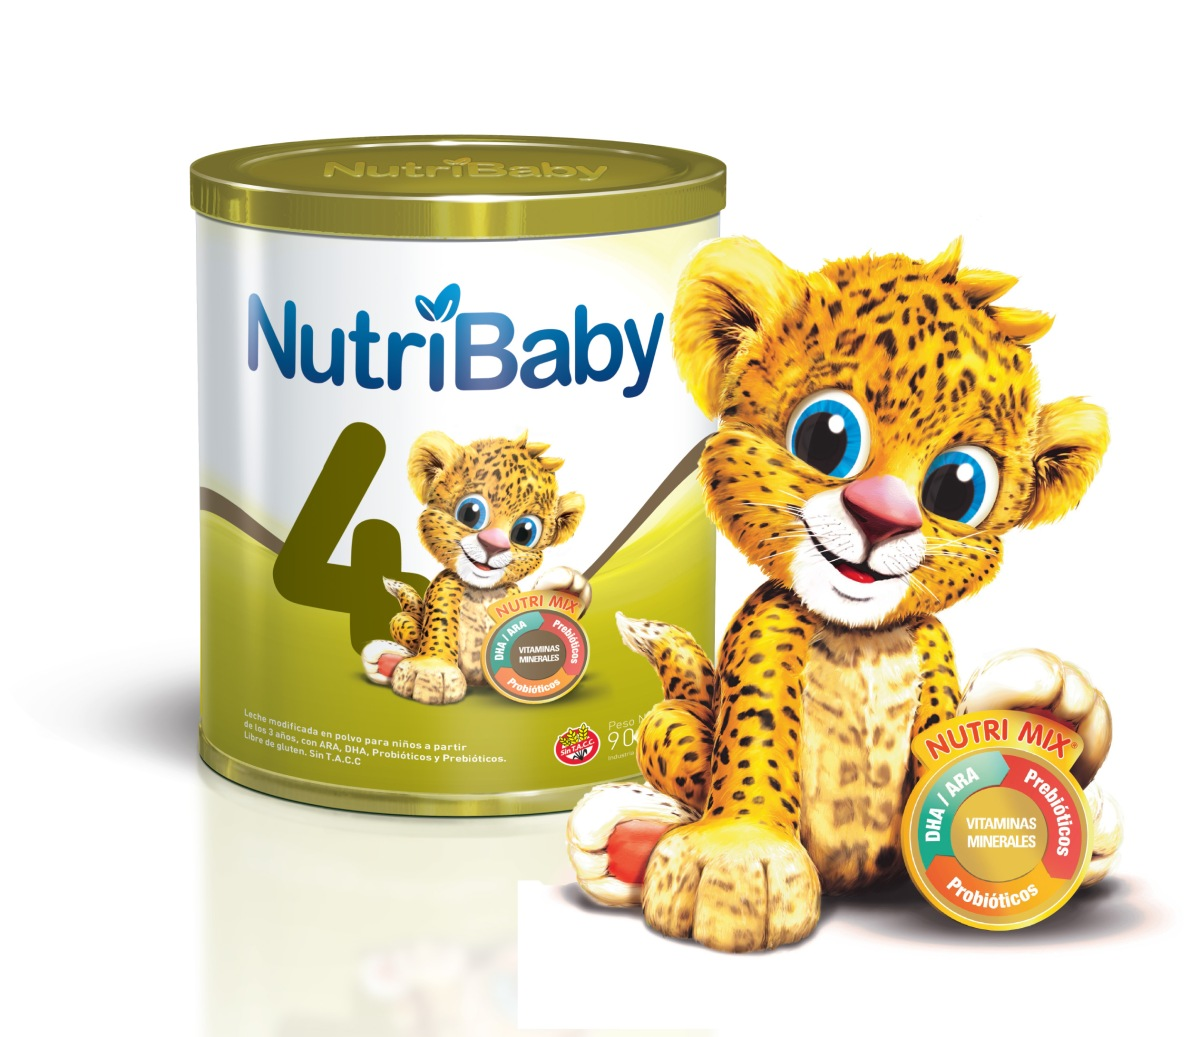 NutriBaby 4:Única fórmula infantil premium con simbióticospara niños de 3 a 5 años